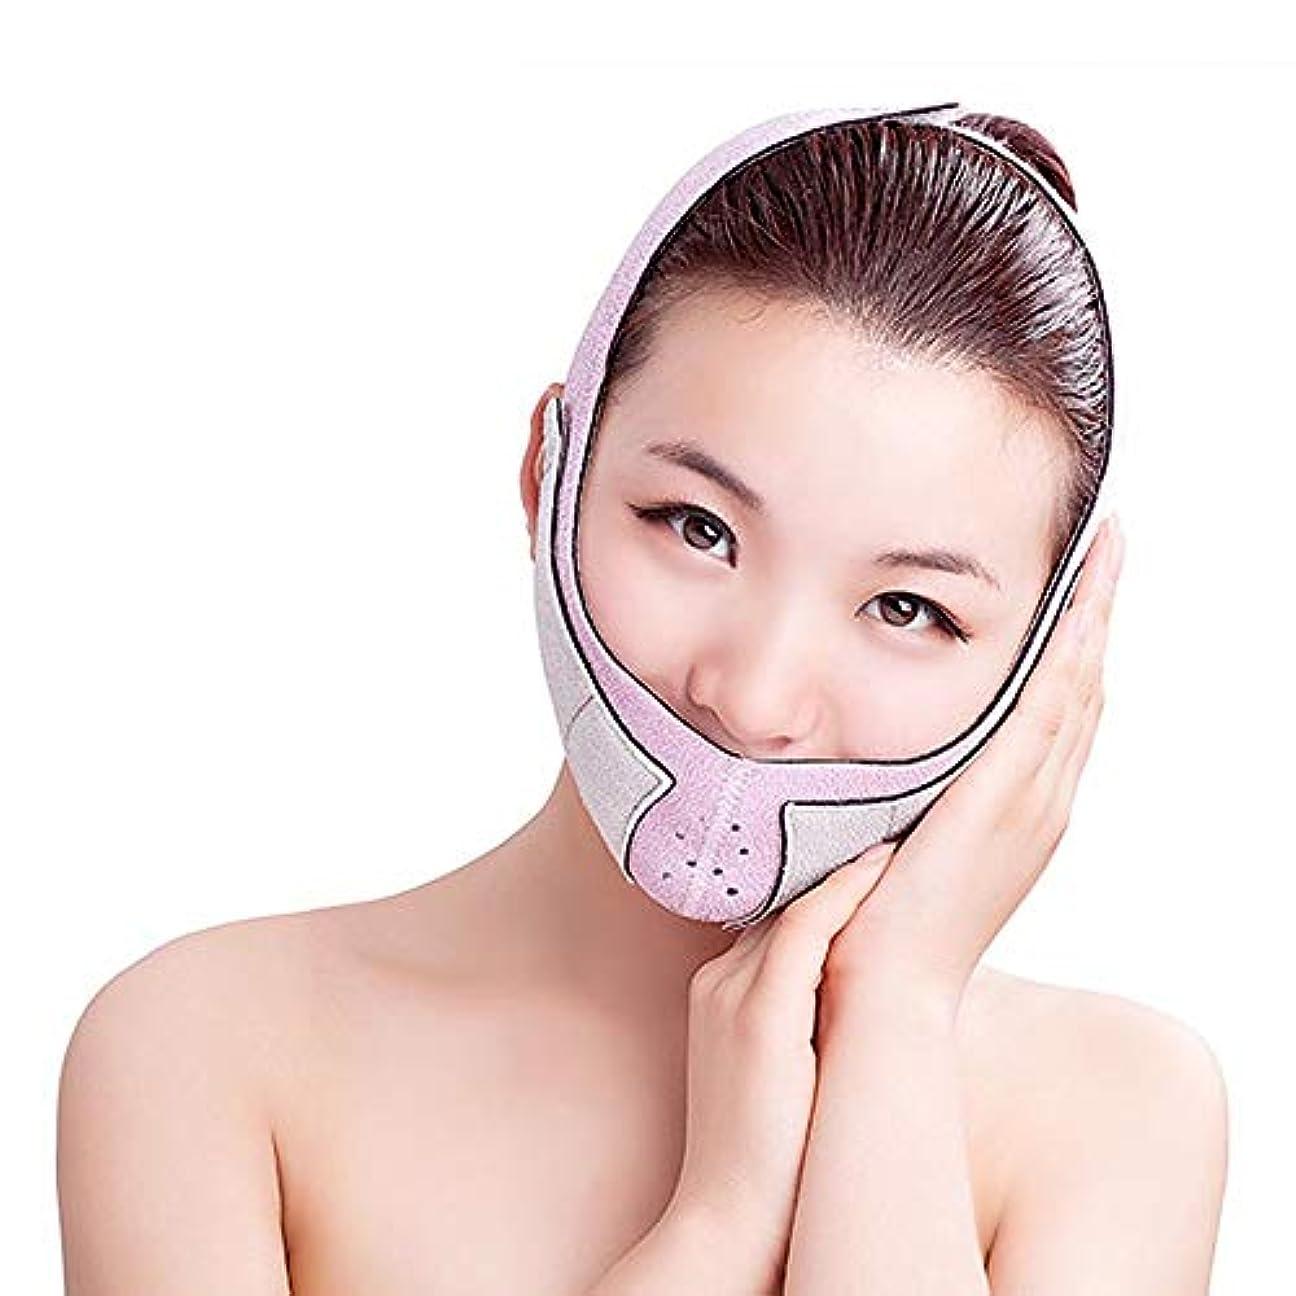 鉱石冬従順フェイスリフトベルト 薄い顔のベルト - 薄い顔のベルト通気性の補正3D薄い顔のV顔のベルトの包帯薄い顔のアーティファクト (色 : B)